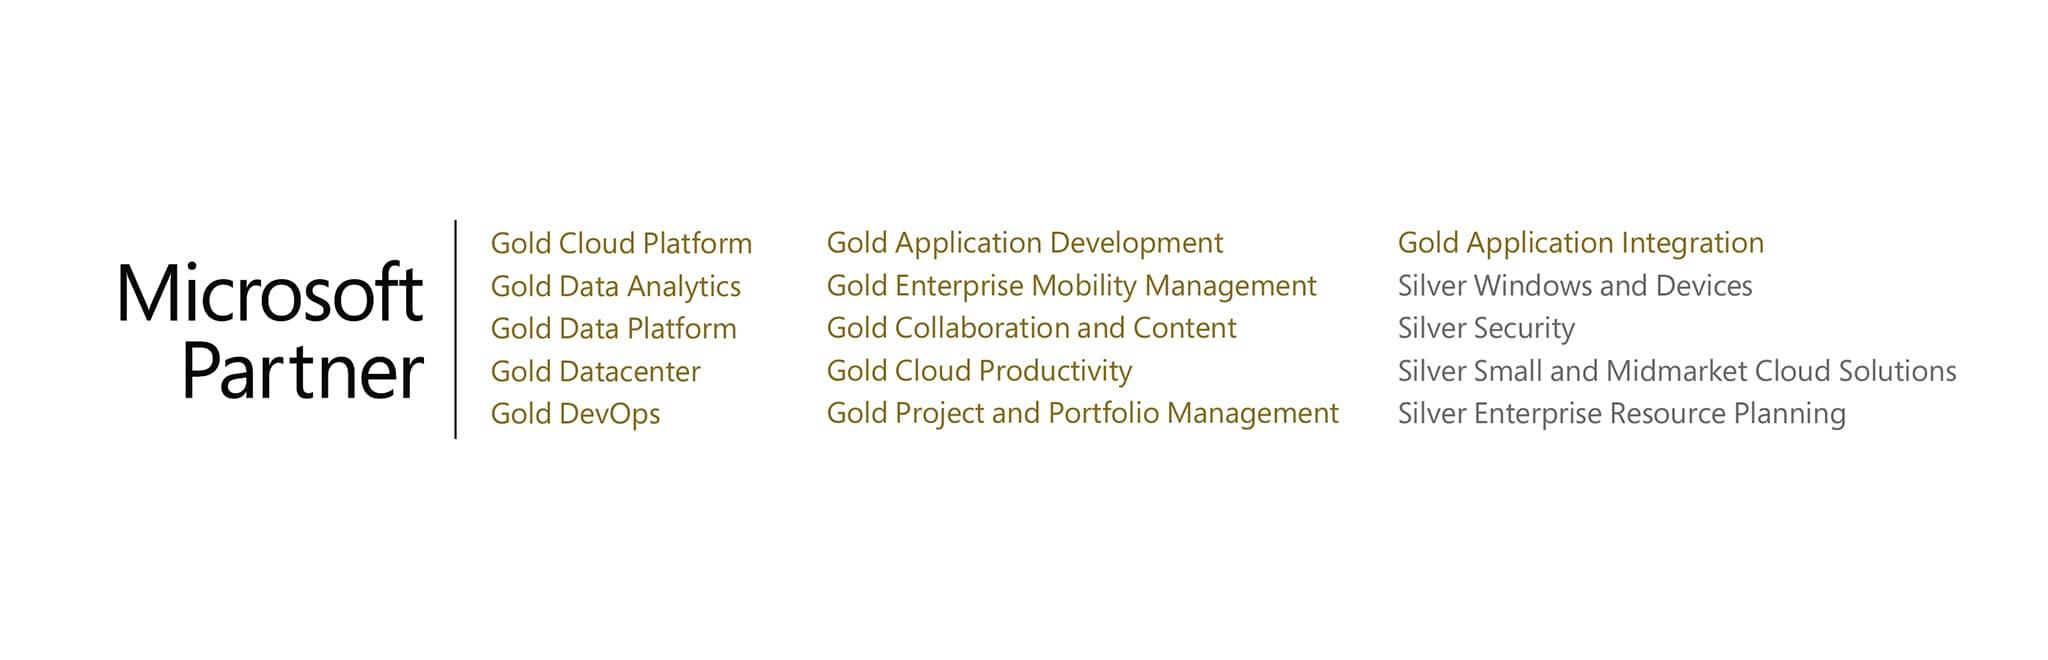 ilionx behaalt 15 competenties bij Microsoft voor 2021